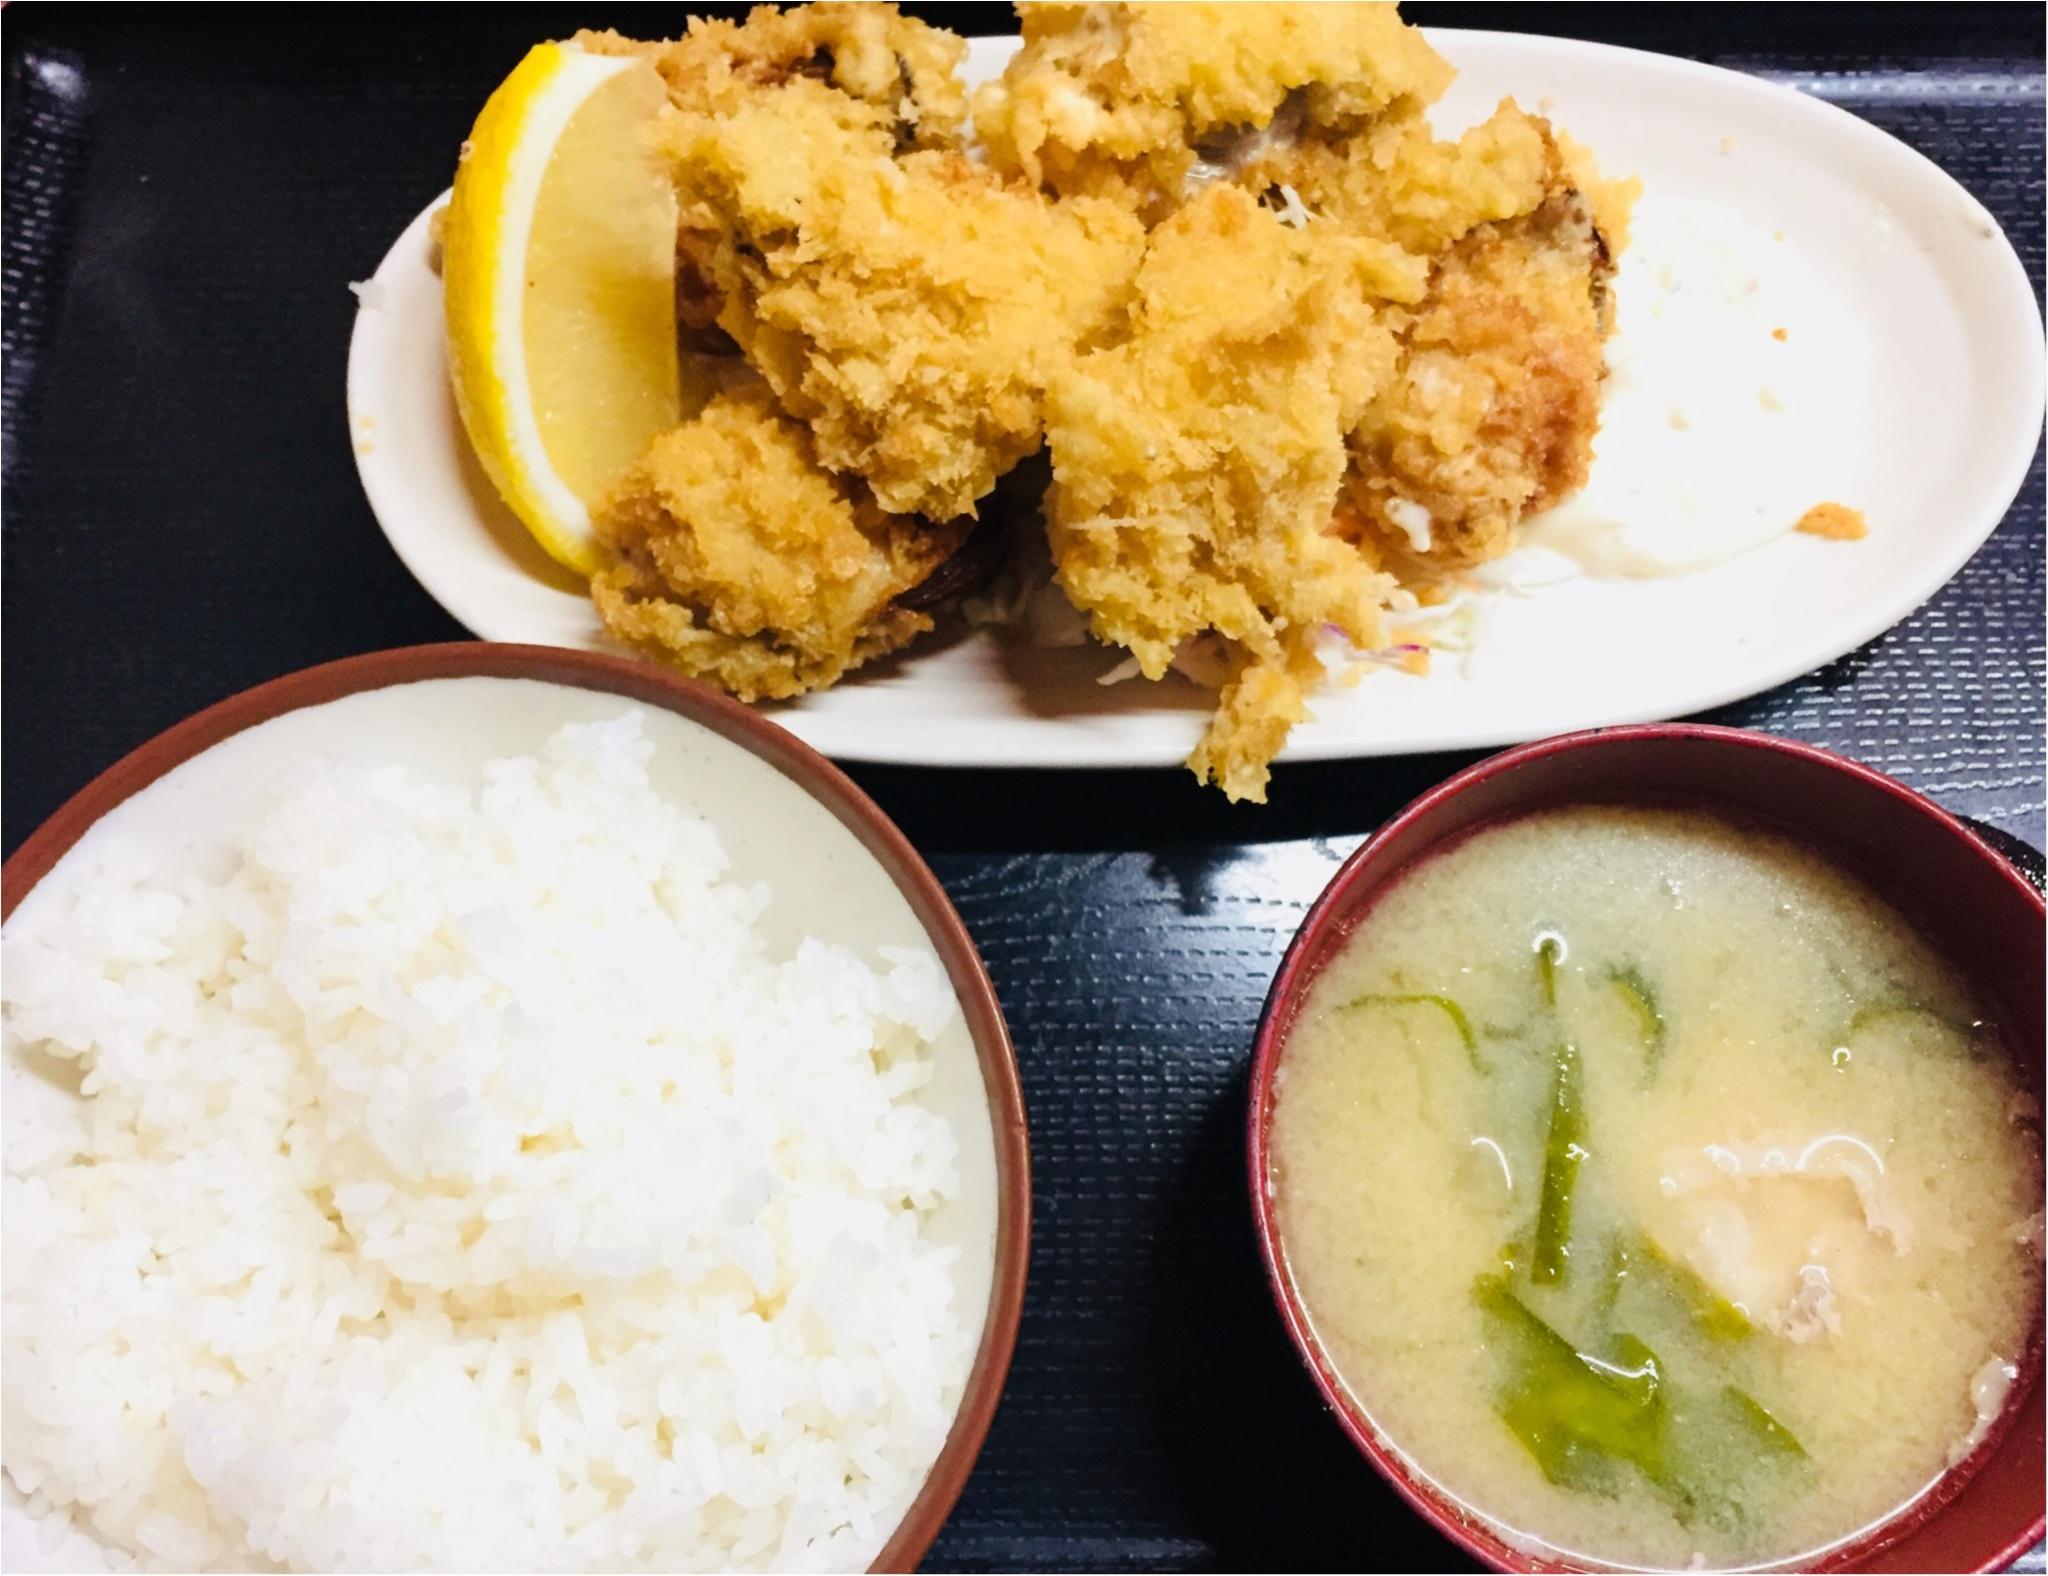 《新宿でお魚が食べたい時はココへ行くべし☝︎★》コスパ◎味も抜群!タカマル鮮魚店^^_2